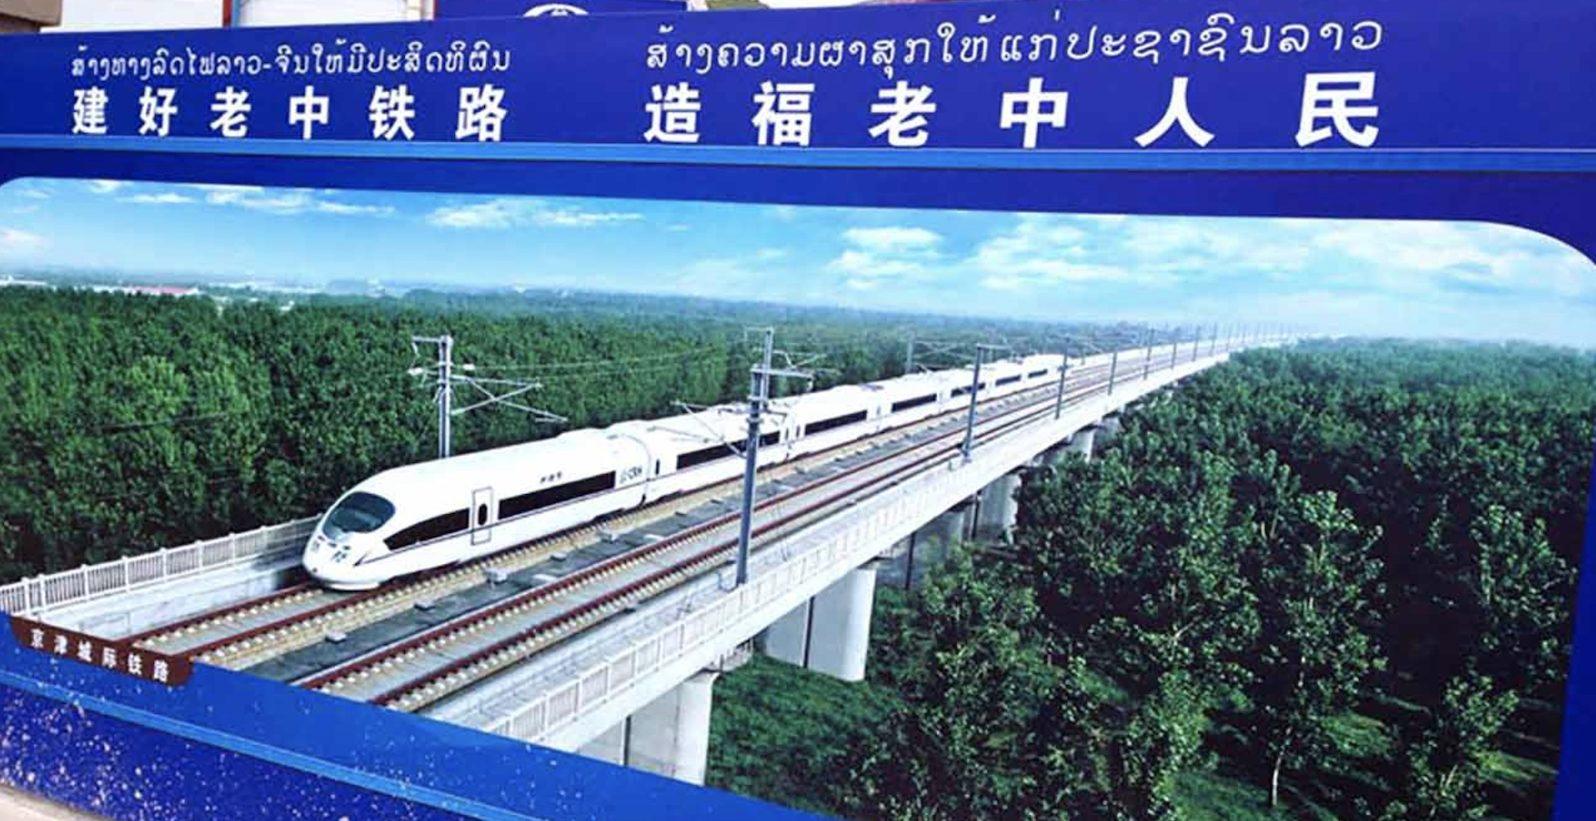 ferrovia laotiana